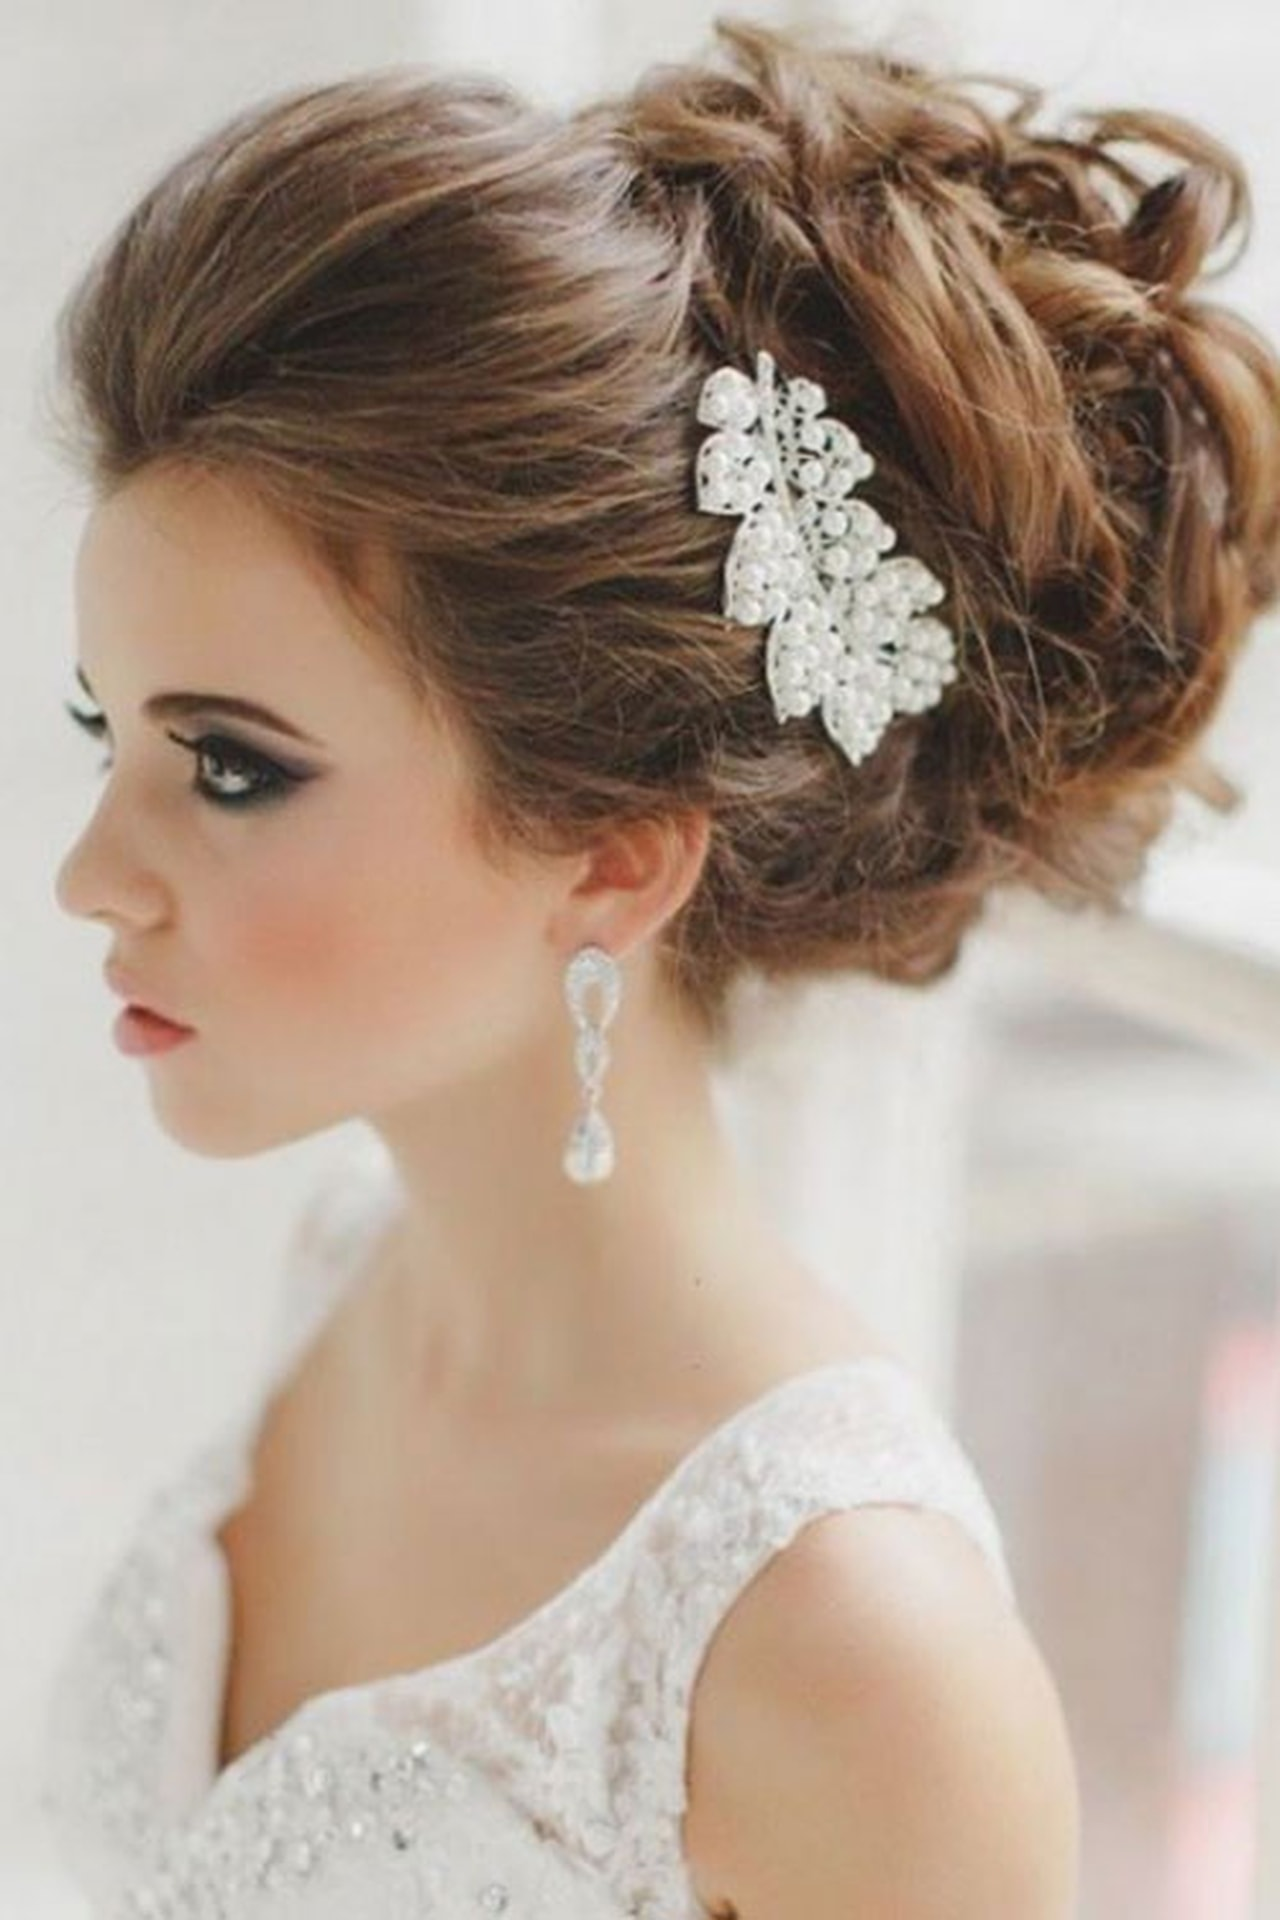 بالصور تسريحه عروس , اجمل تسريحات العروس 3563 3